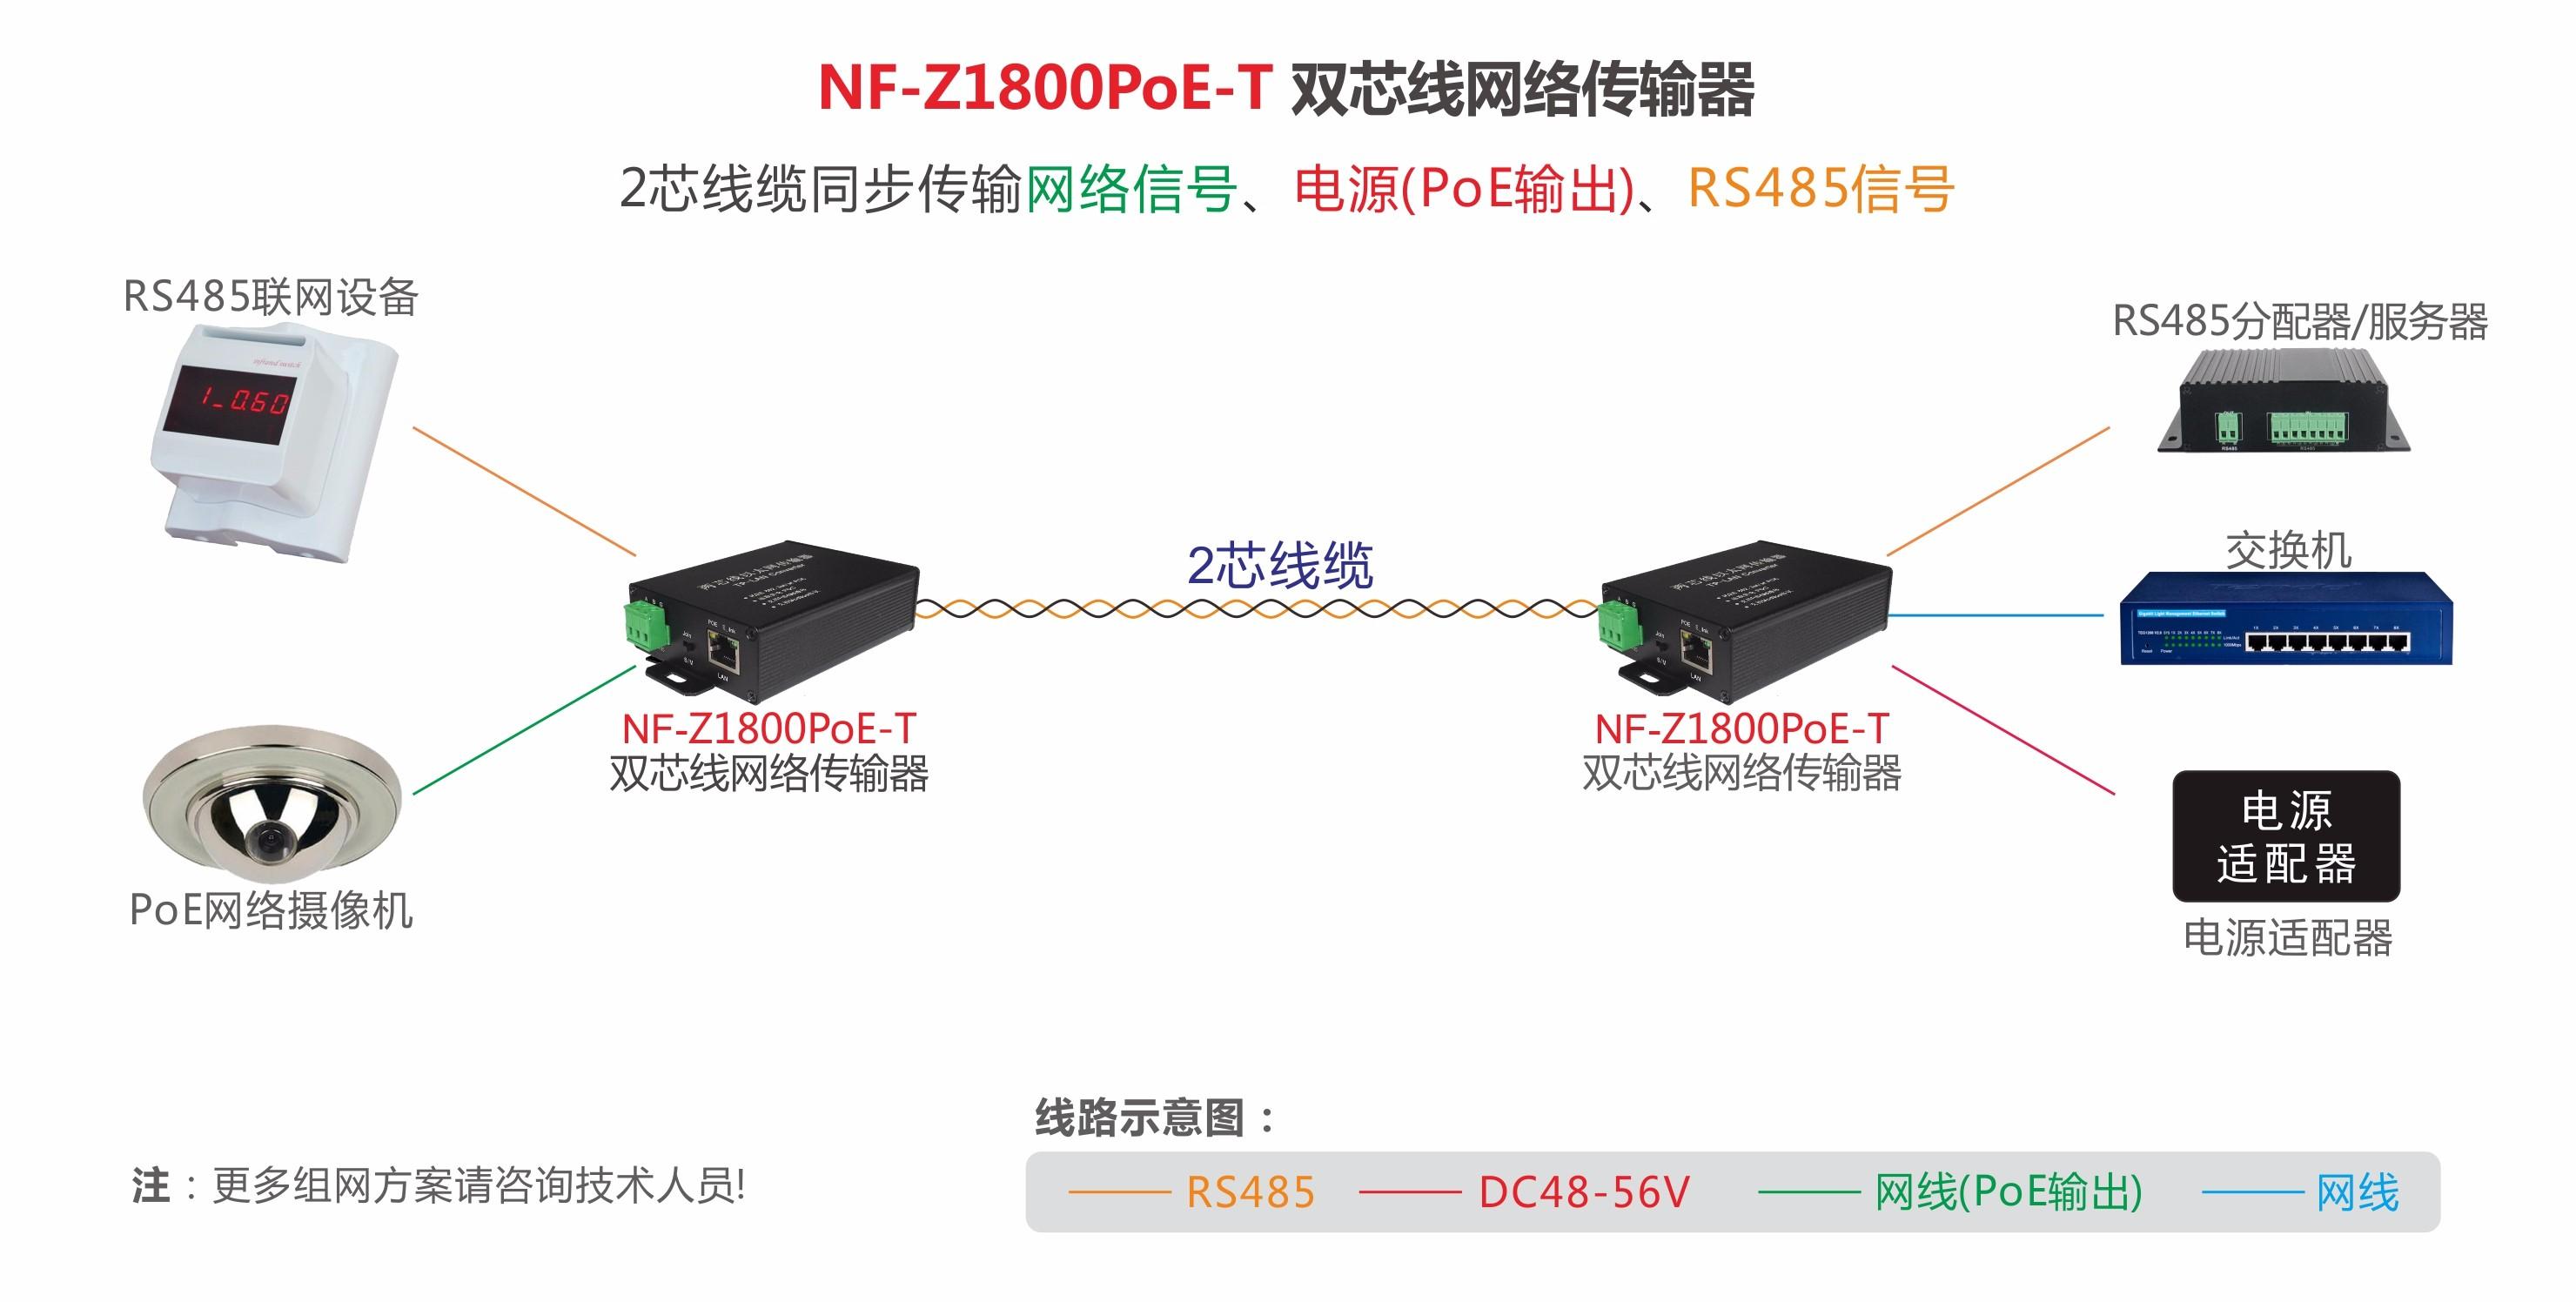 两芯线超远距离PoE网络信号延长器组网示意图